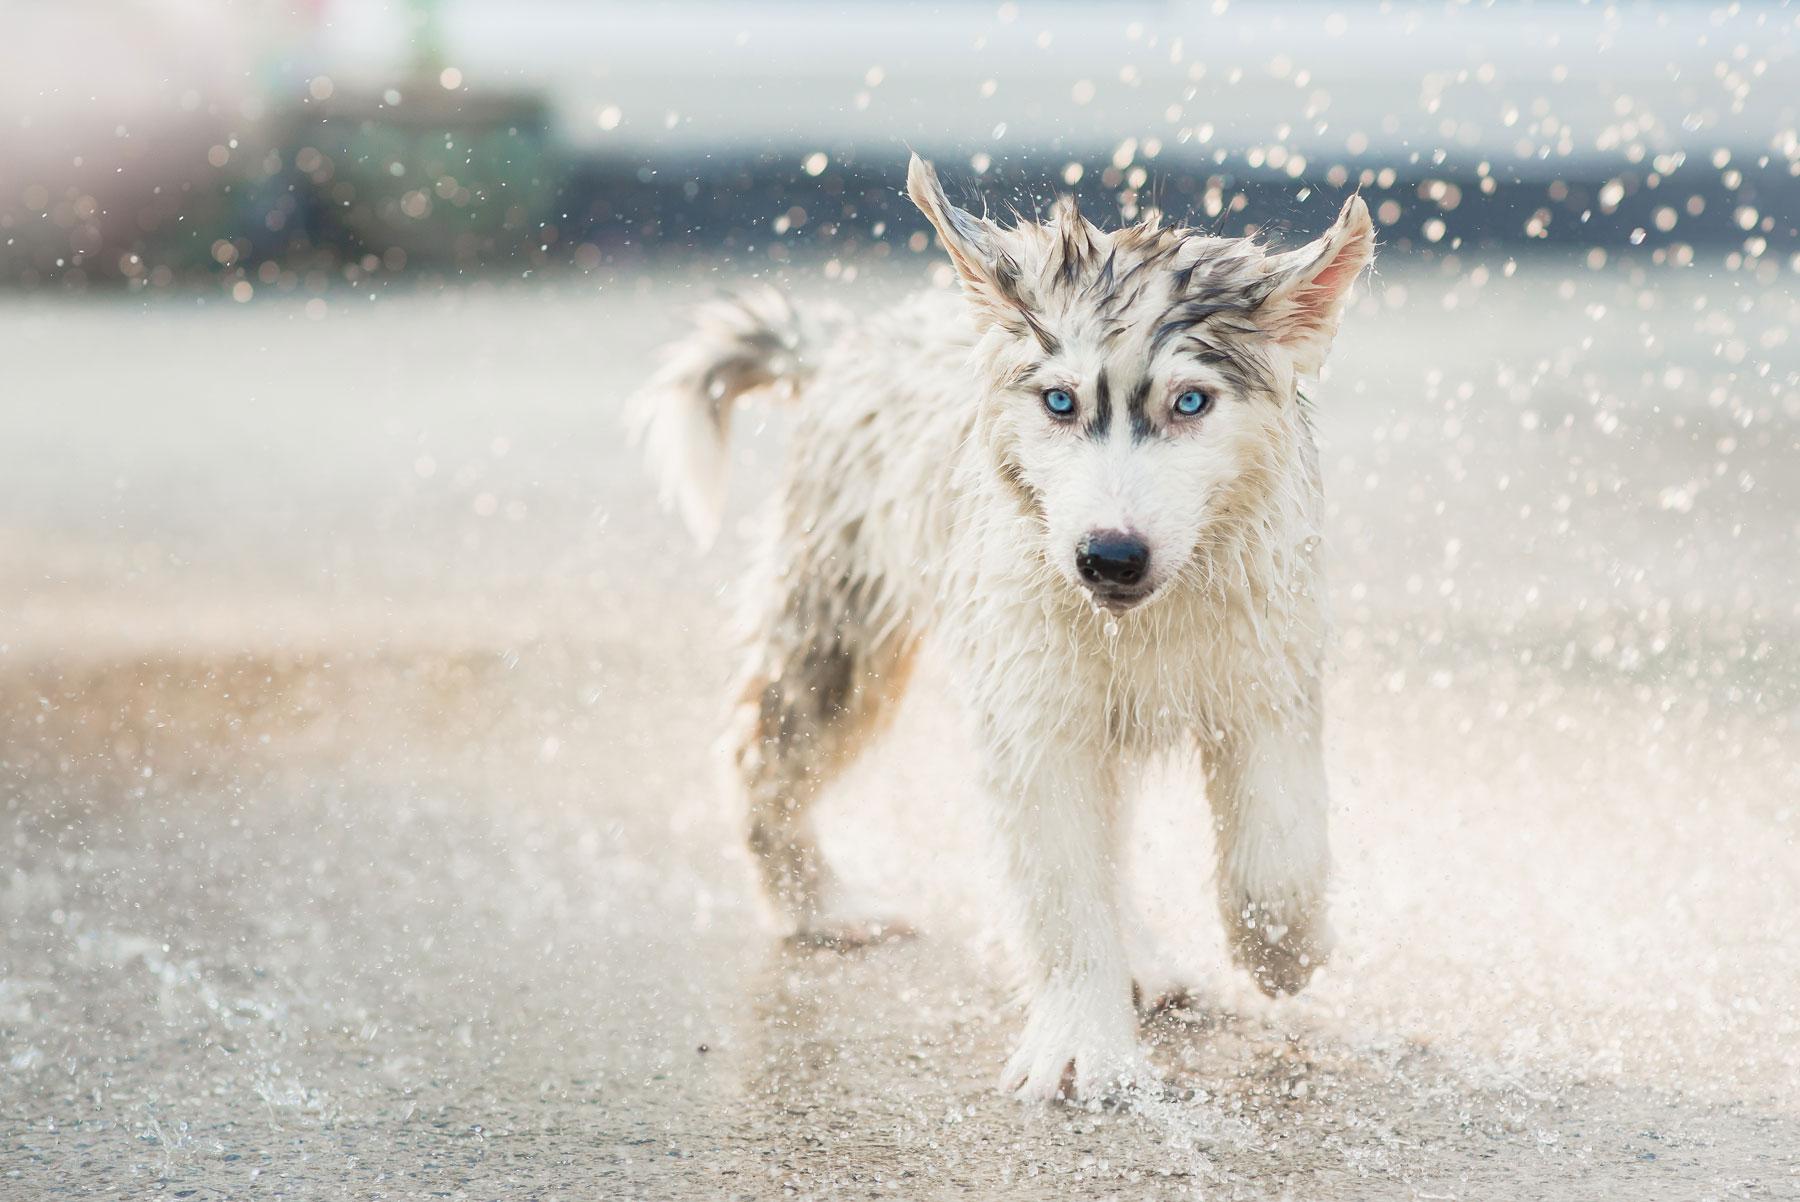 Sommer Programm in der Hundeschule Hürm